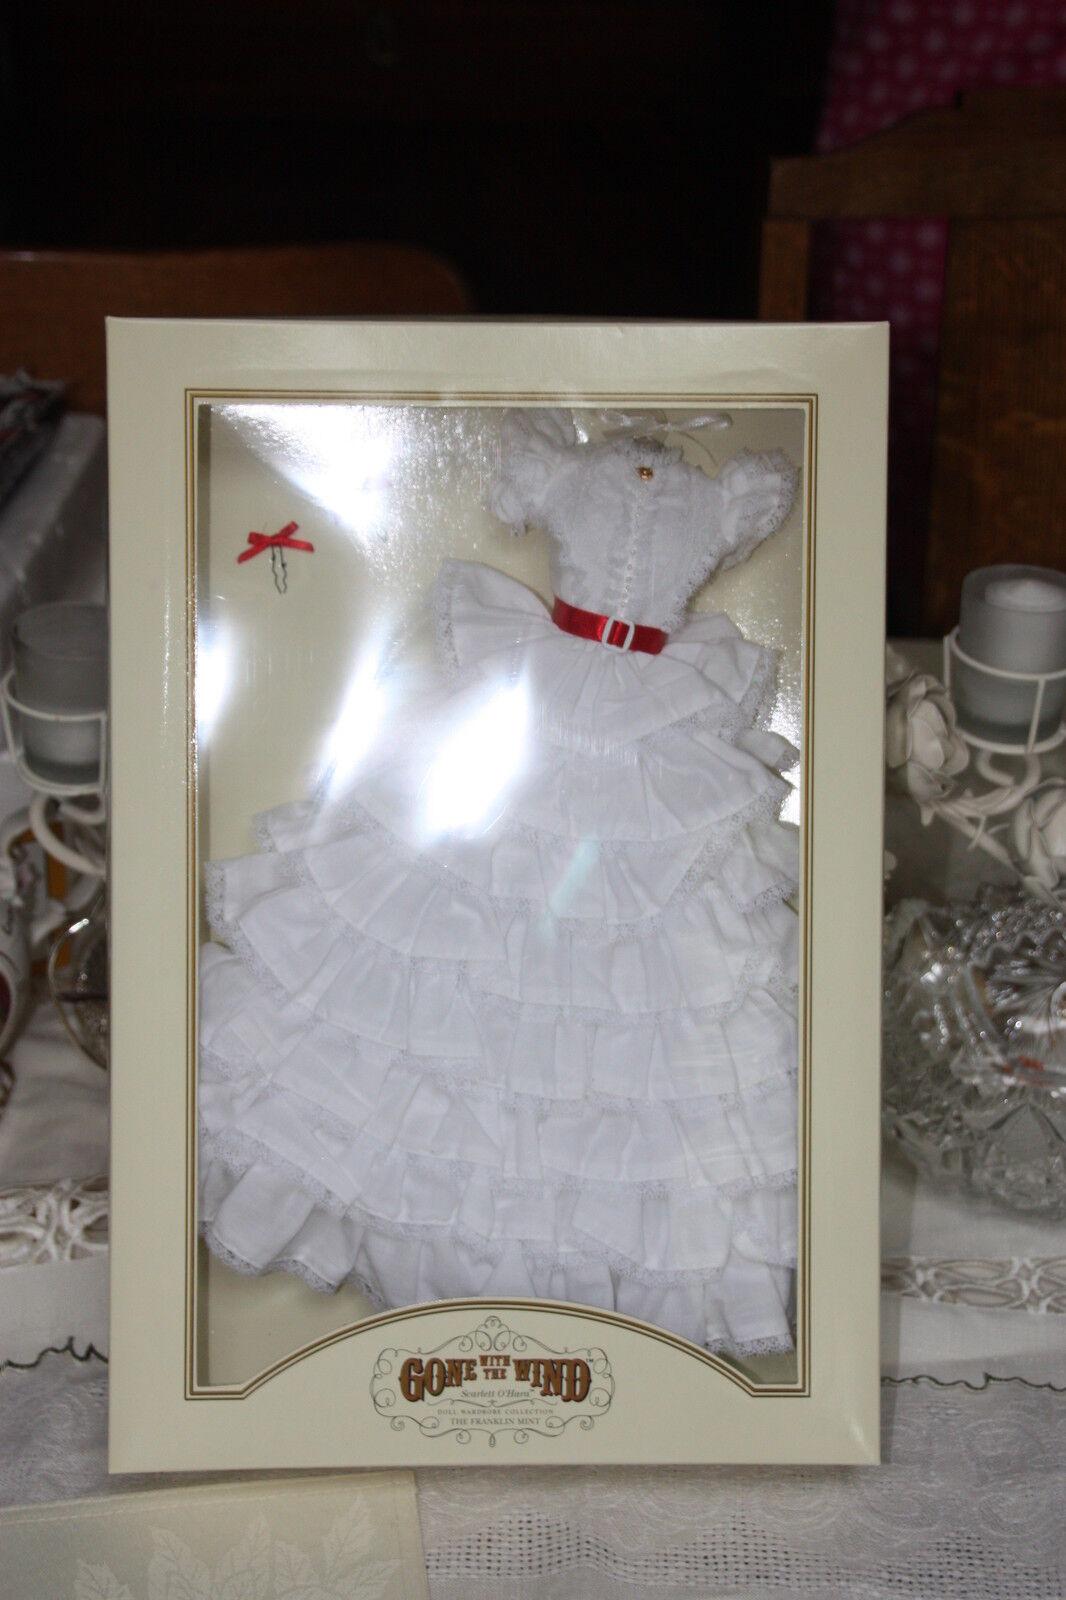 GWTW Franklin Mint Scarlett O'hara Tara Vestido Nrfb Caja de envío original, Certificado De Autenticidad